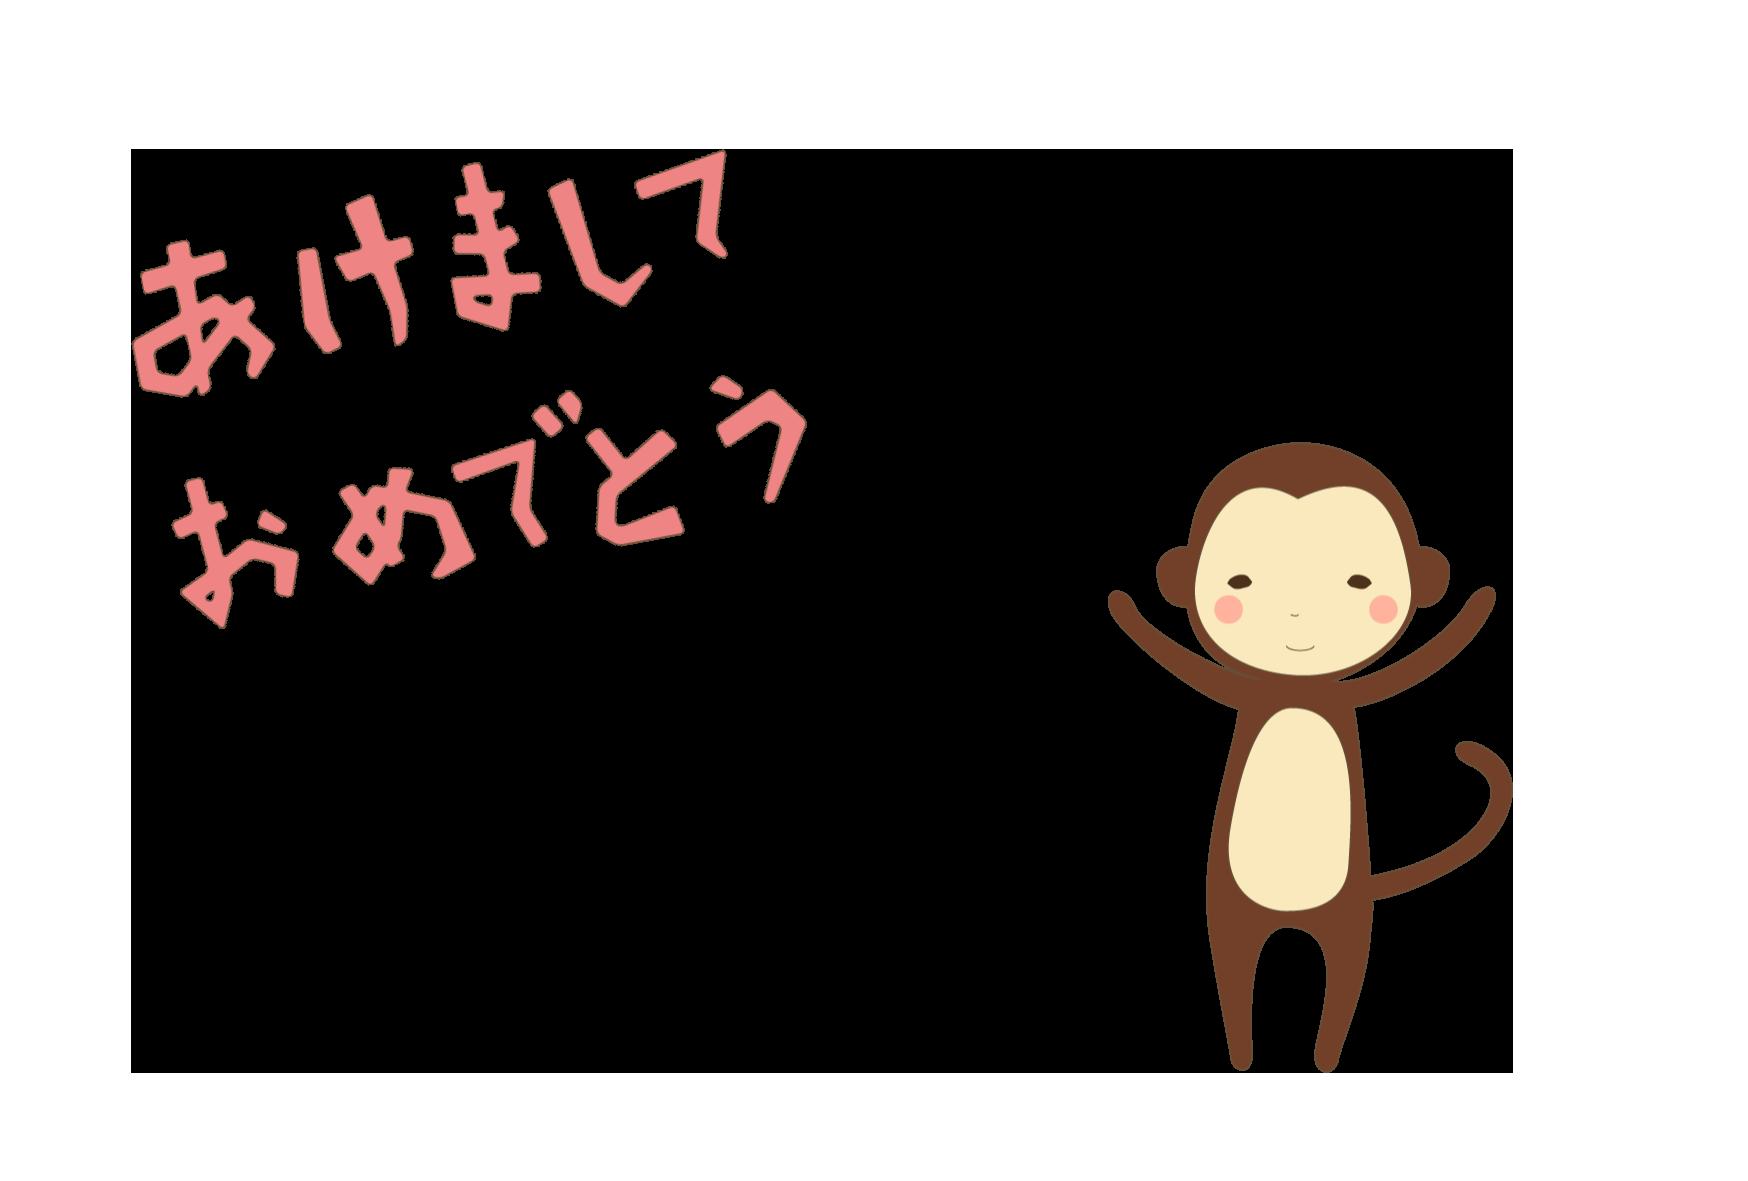 年賀状-かわいいテンプレート(猿)02 <無料> | イラストk